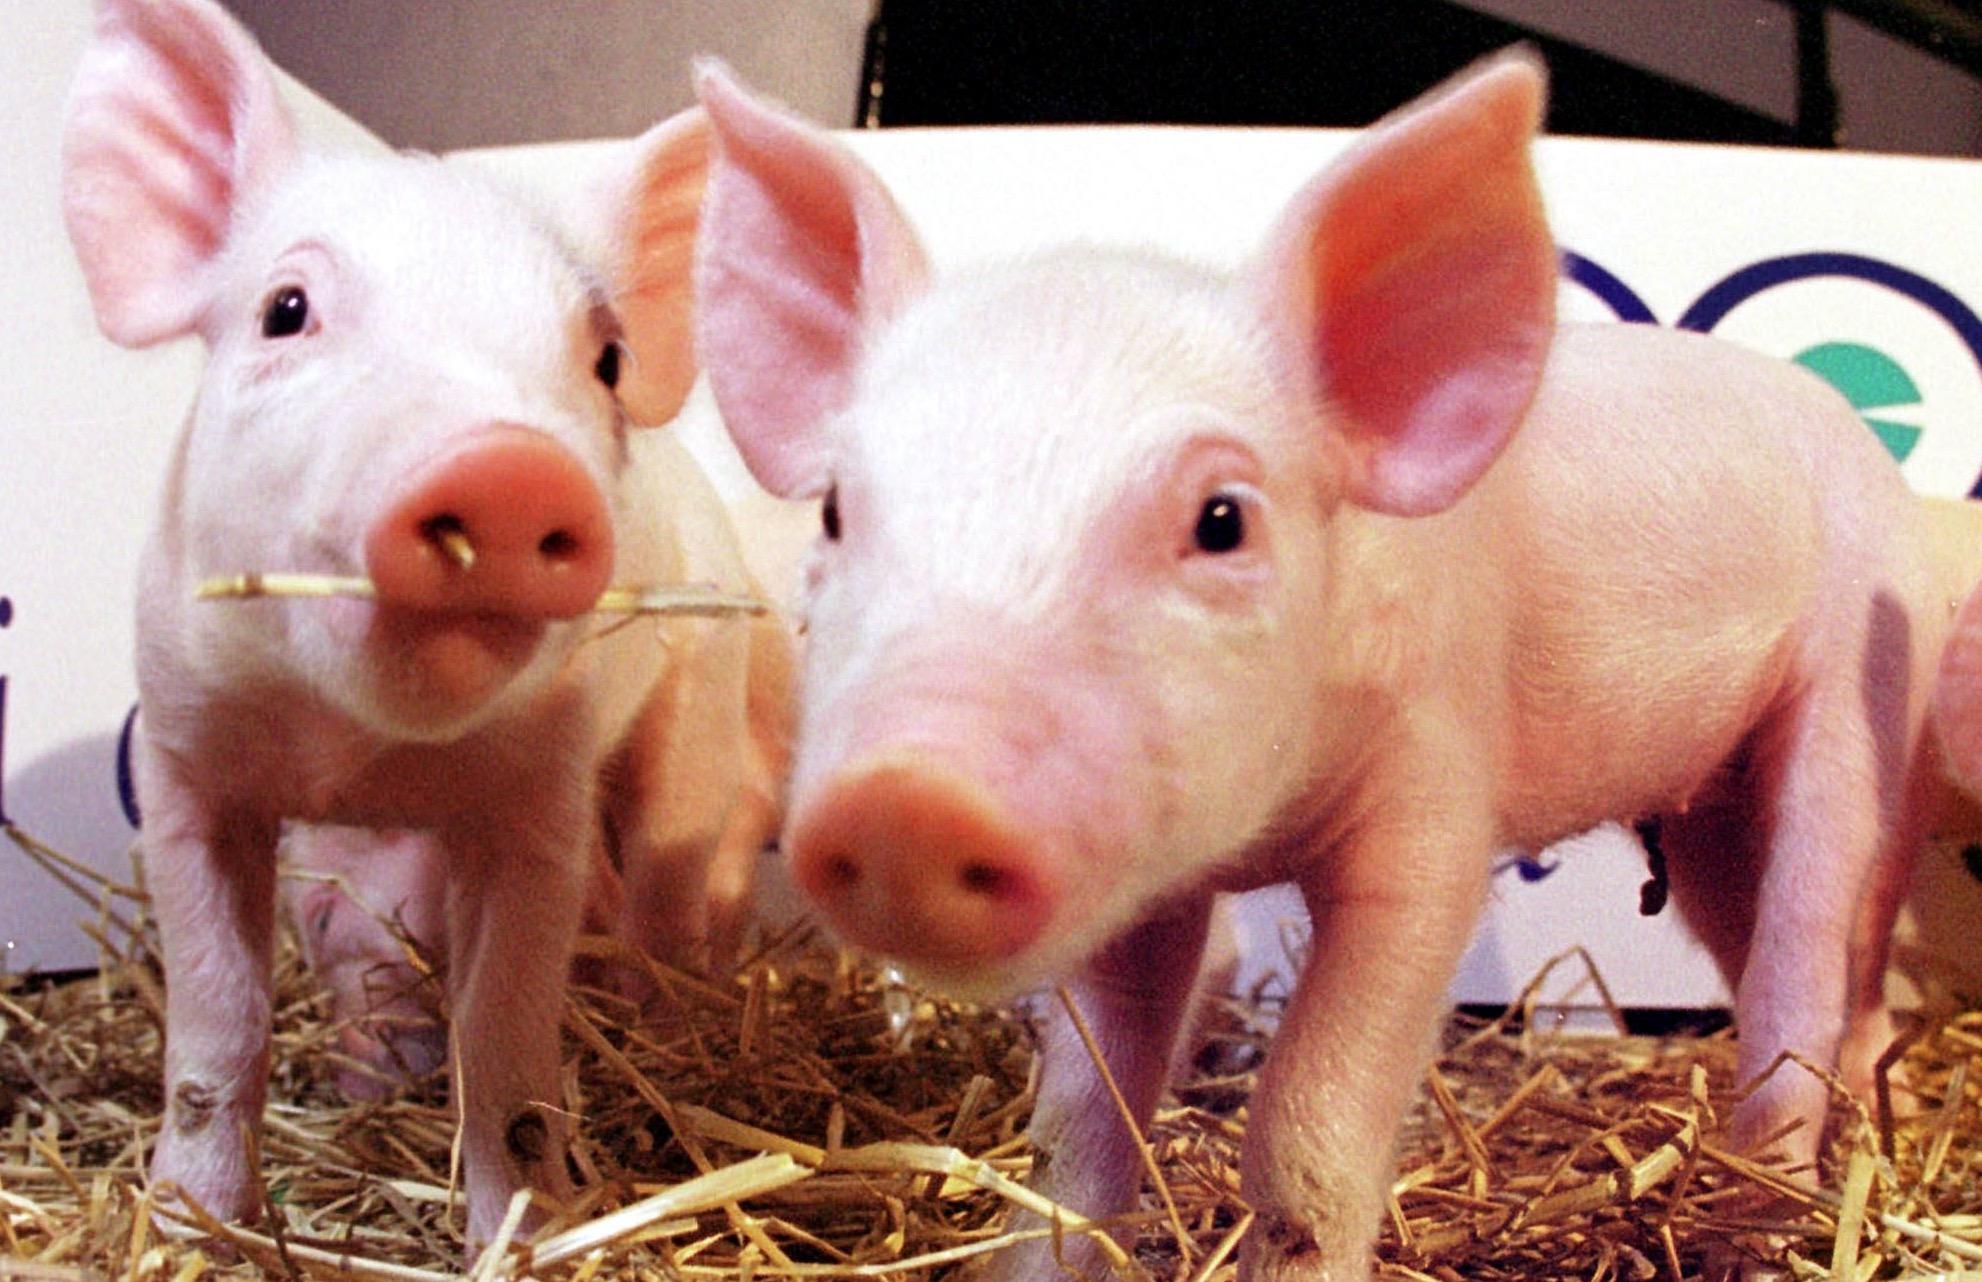 Cerdos-Animales-Clonados-Crop